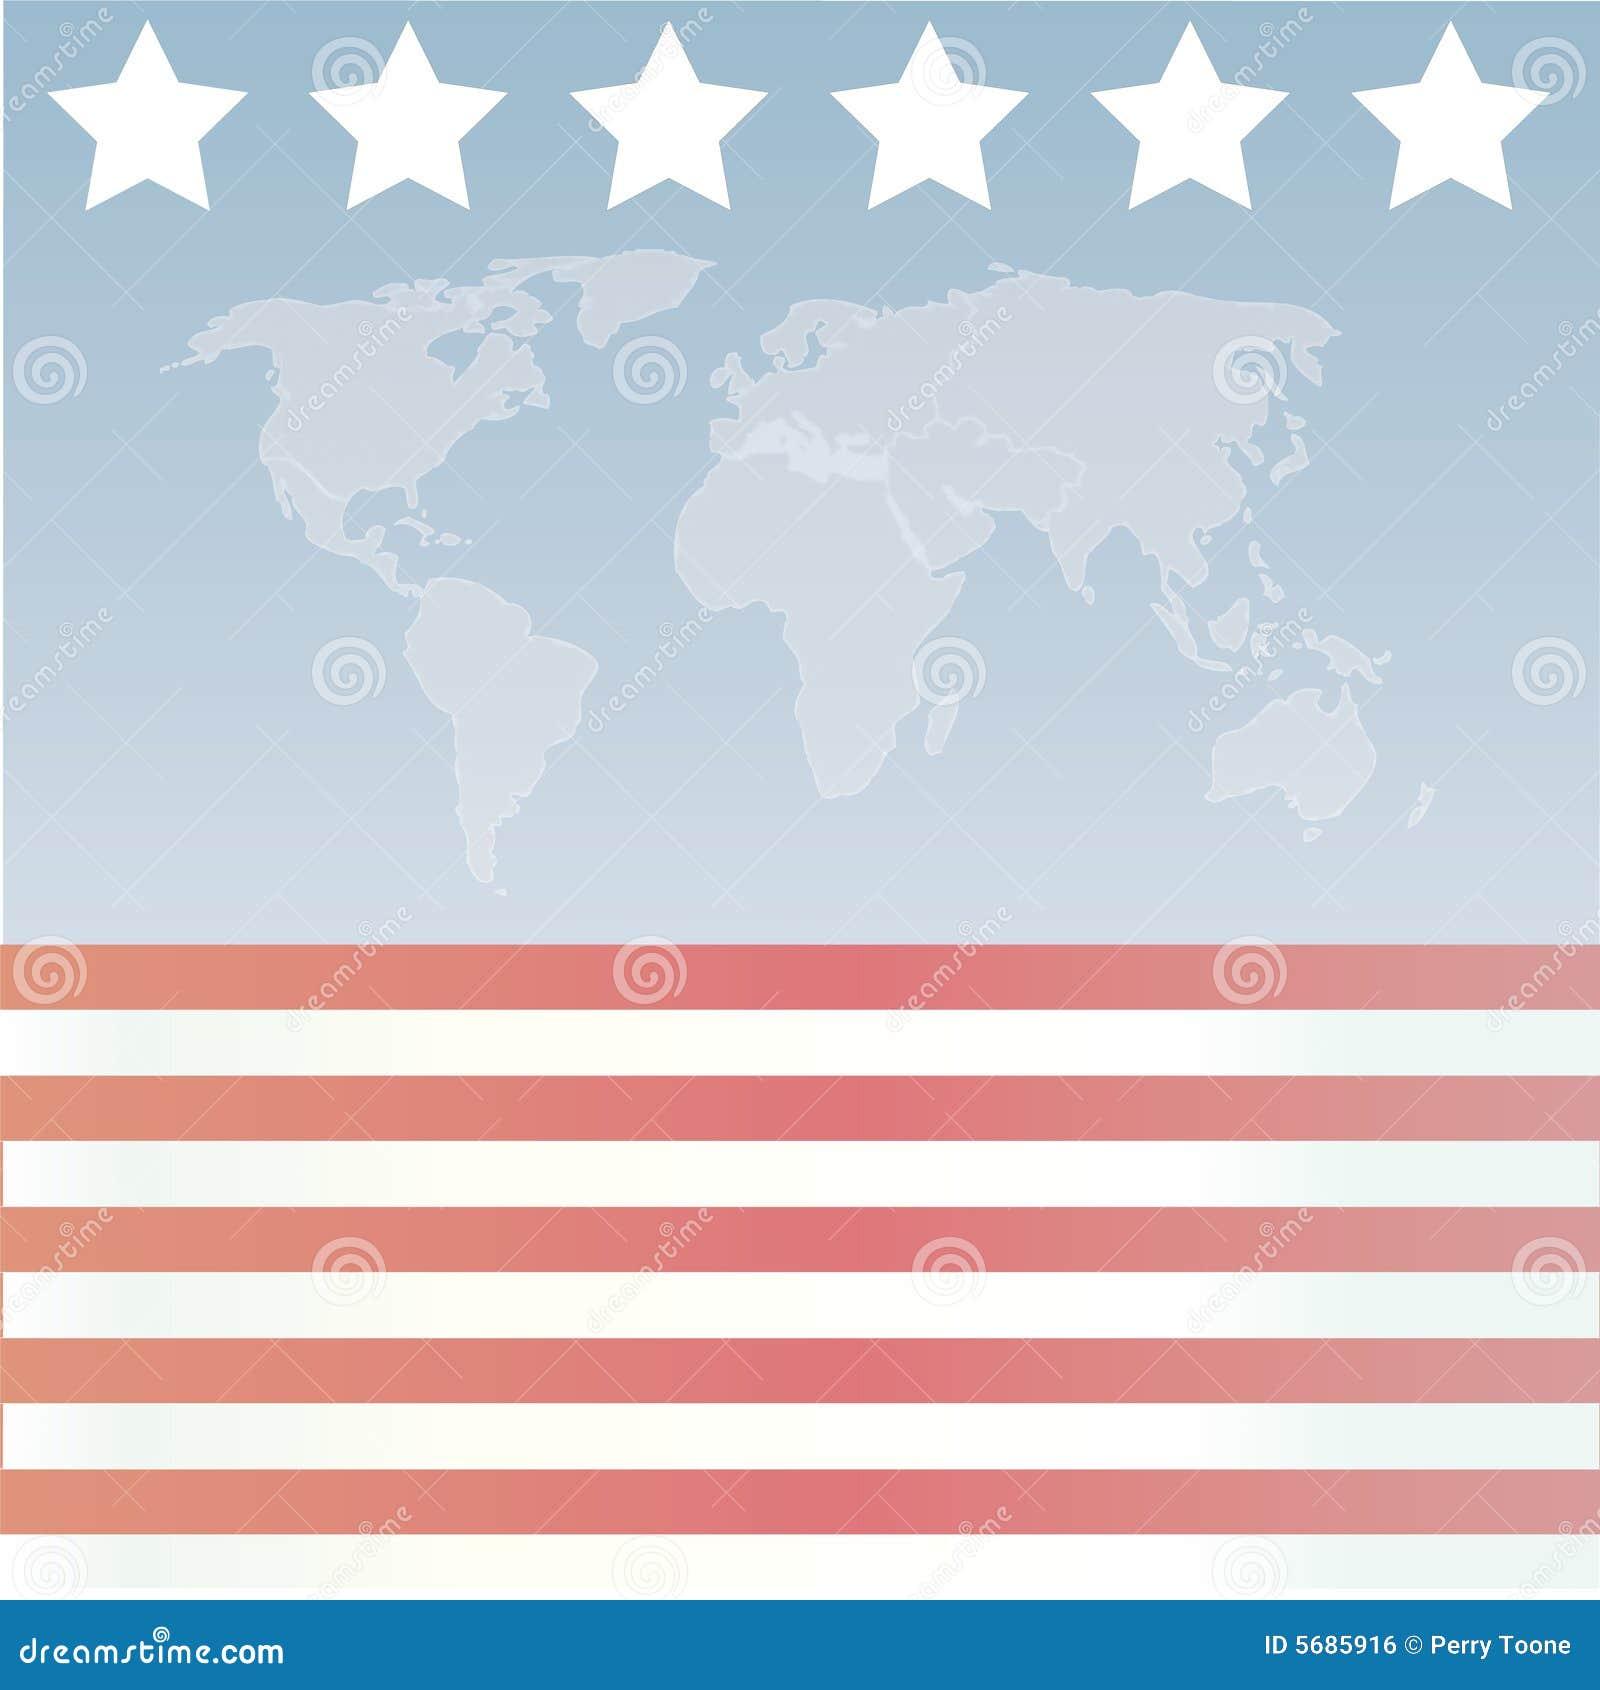 Amerikanisches Sternenbanner Wor